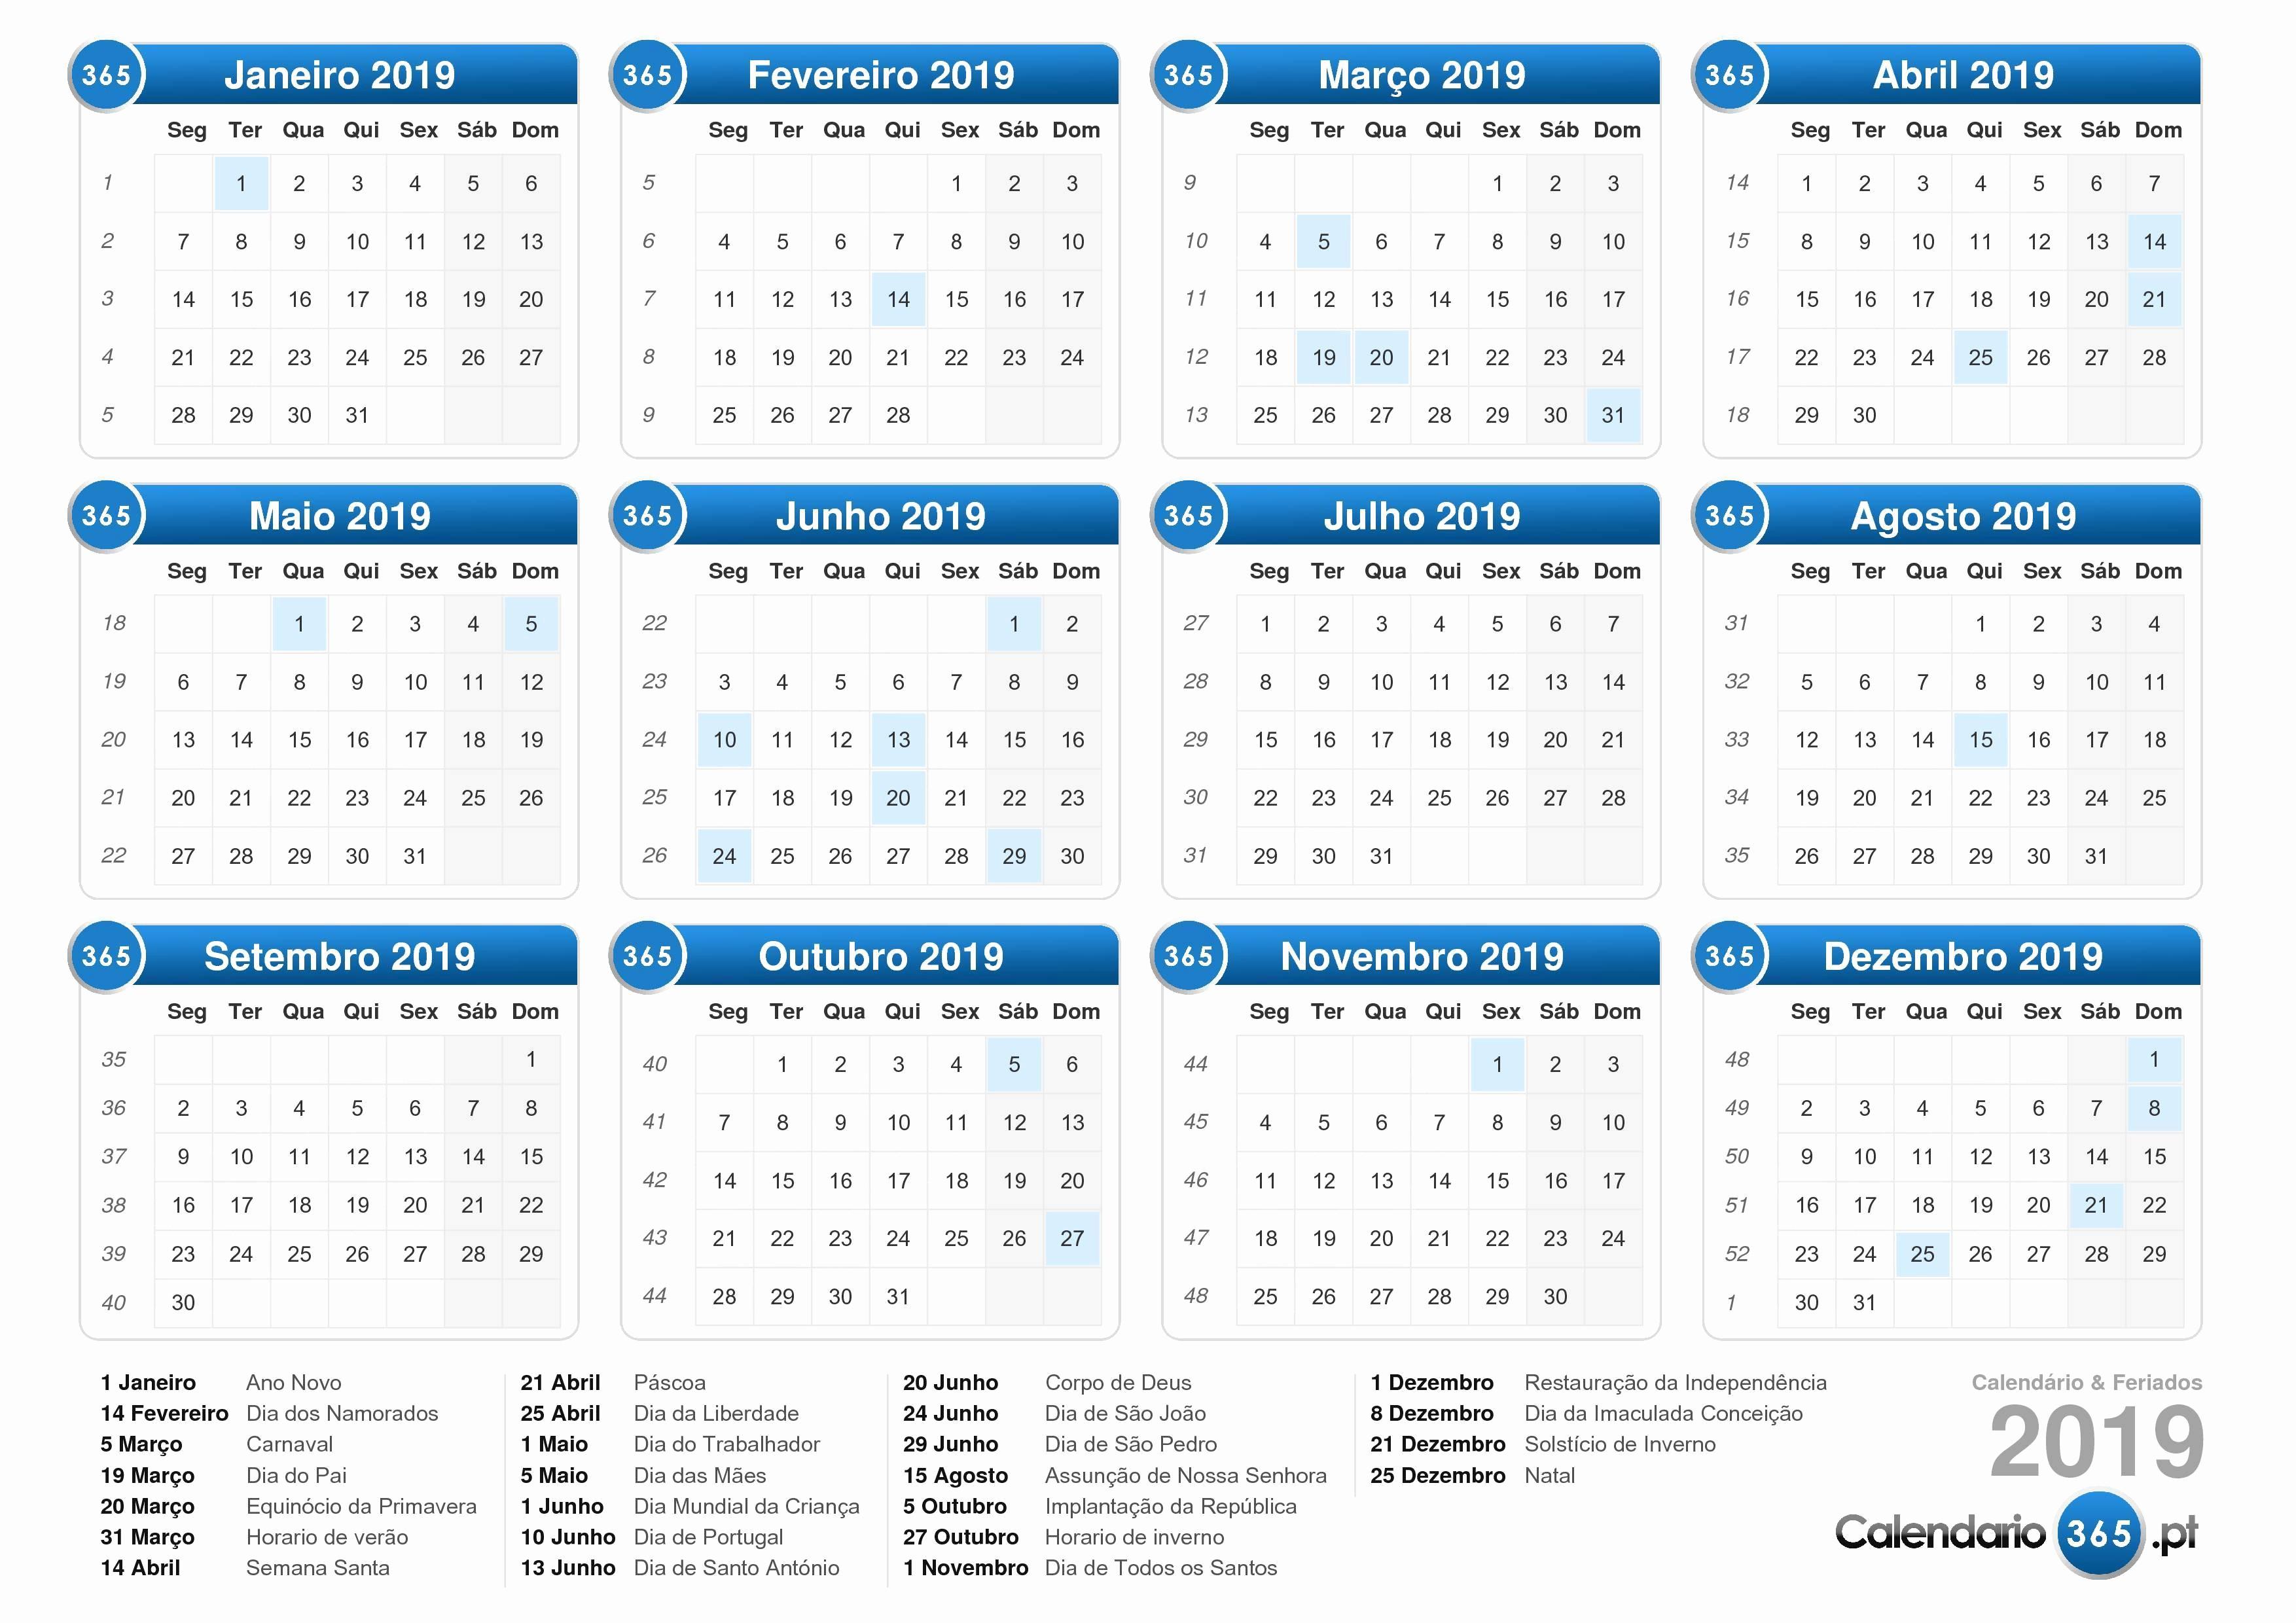 Calendario Dr 2019 Calendario Colombia Ano 2019 Feriados